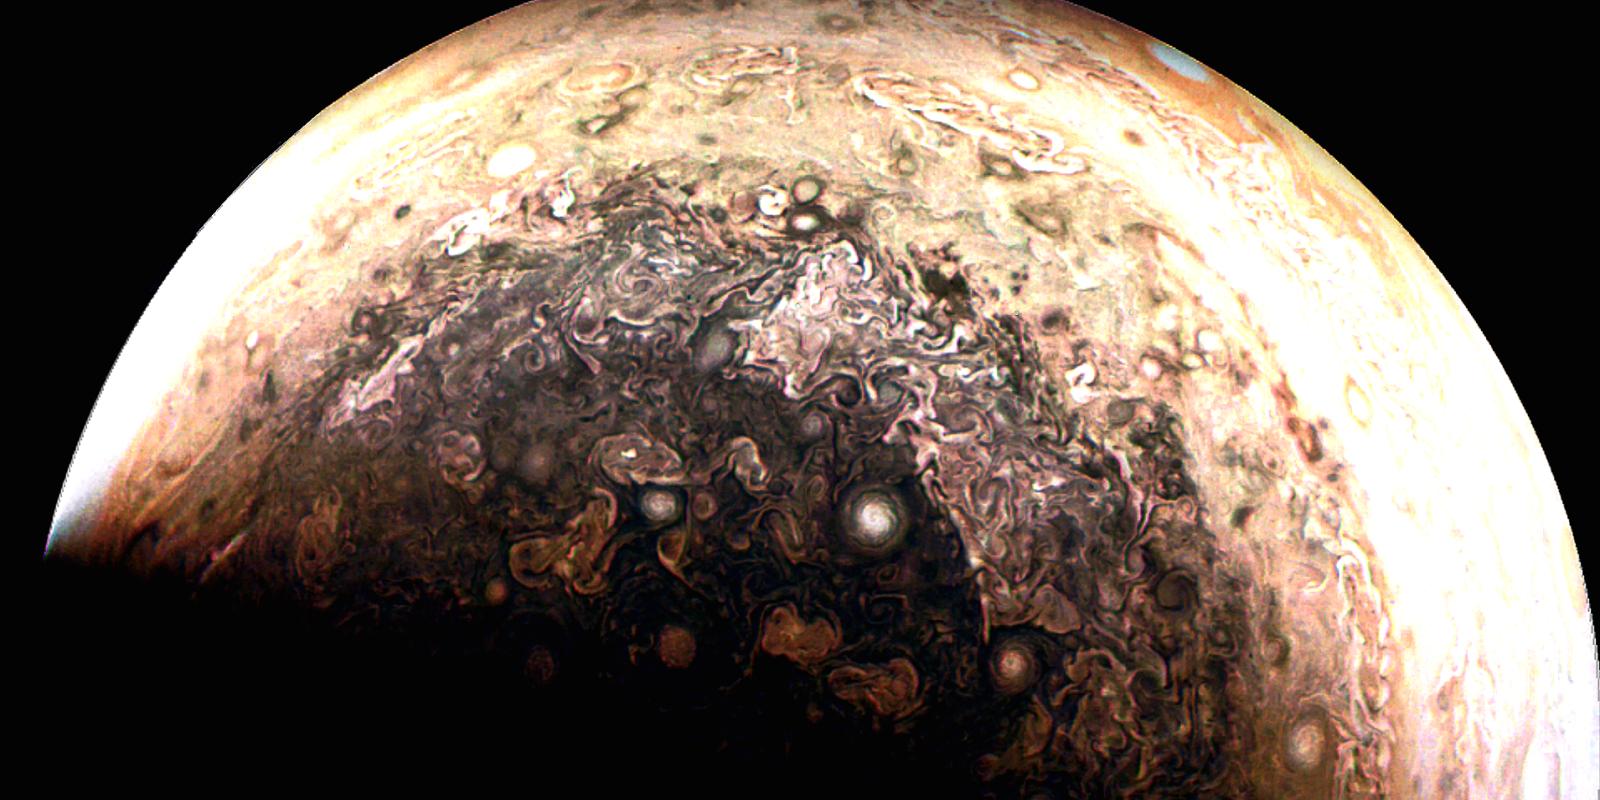 jupiter inner or outer planet - photo #34